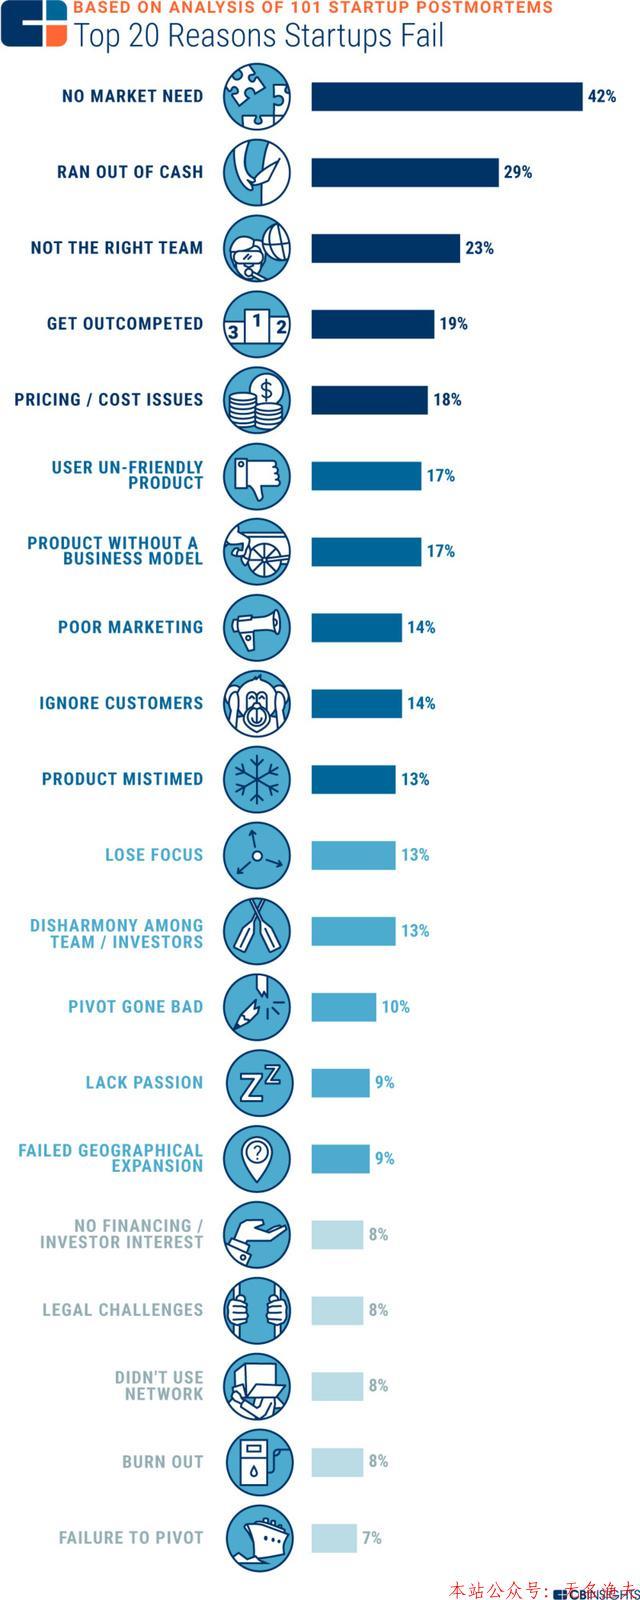 创业者必读:创业失败有20个主要原因,你自我检查了吗?